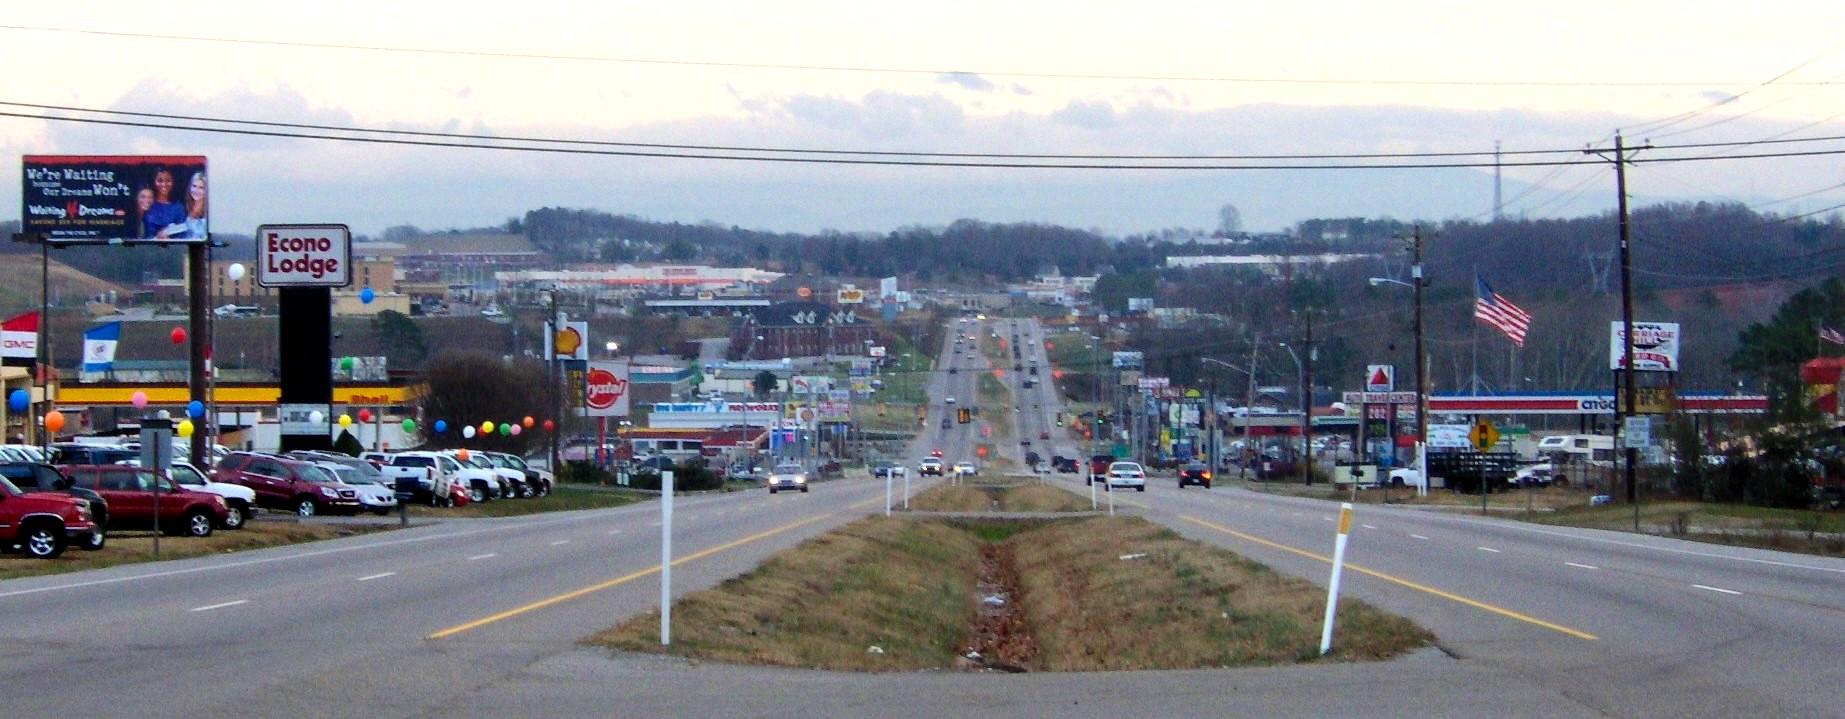 Lenoir City Tennessee Yamaha